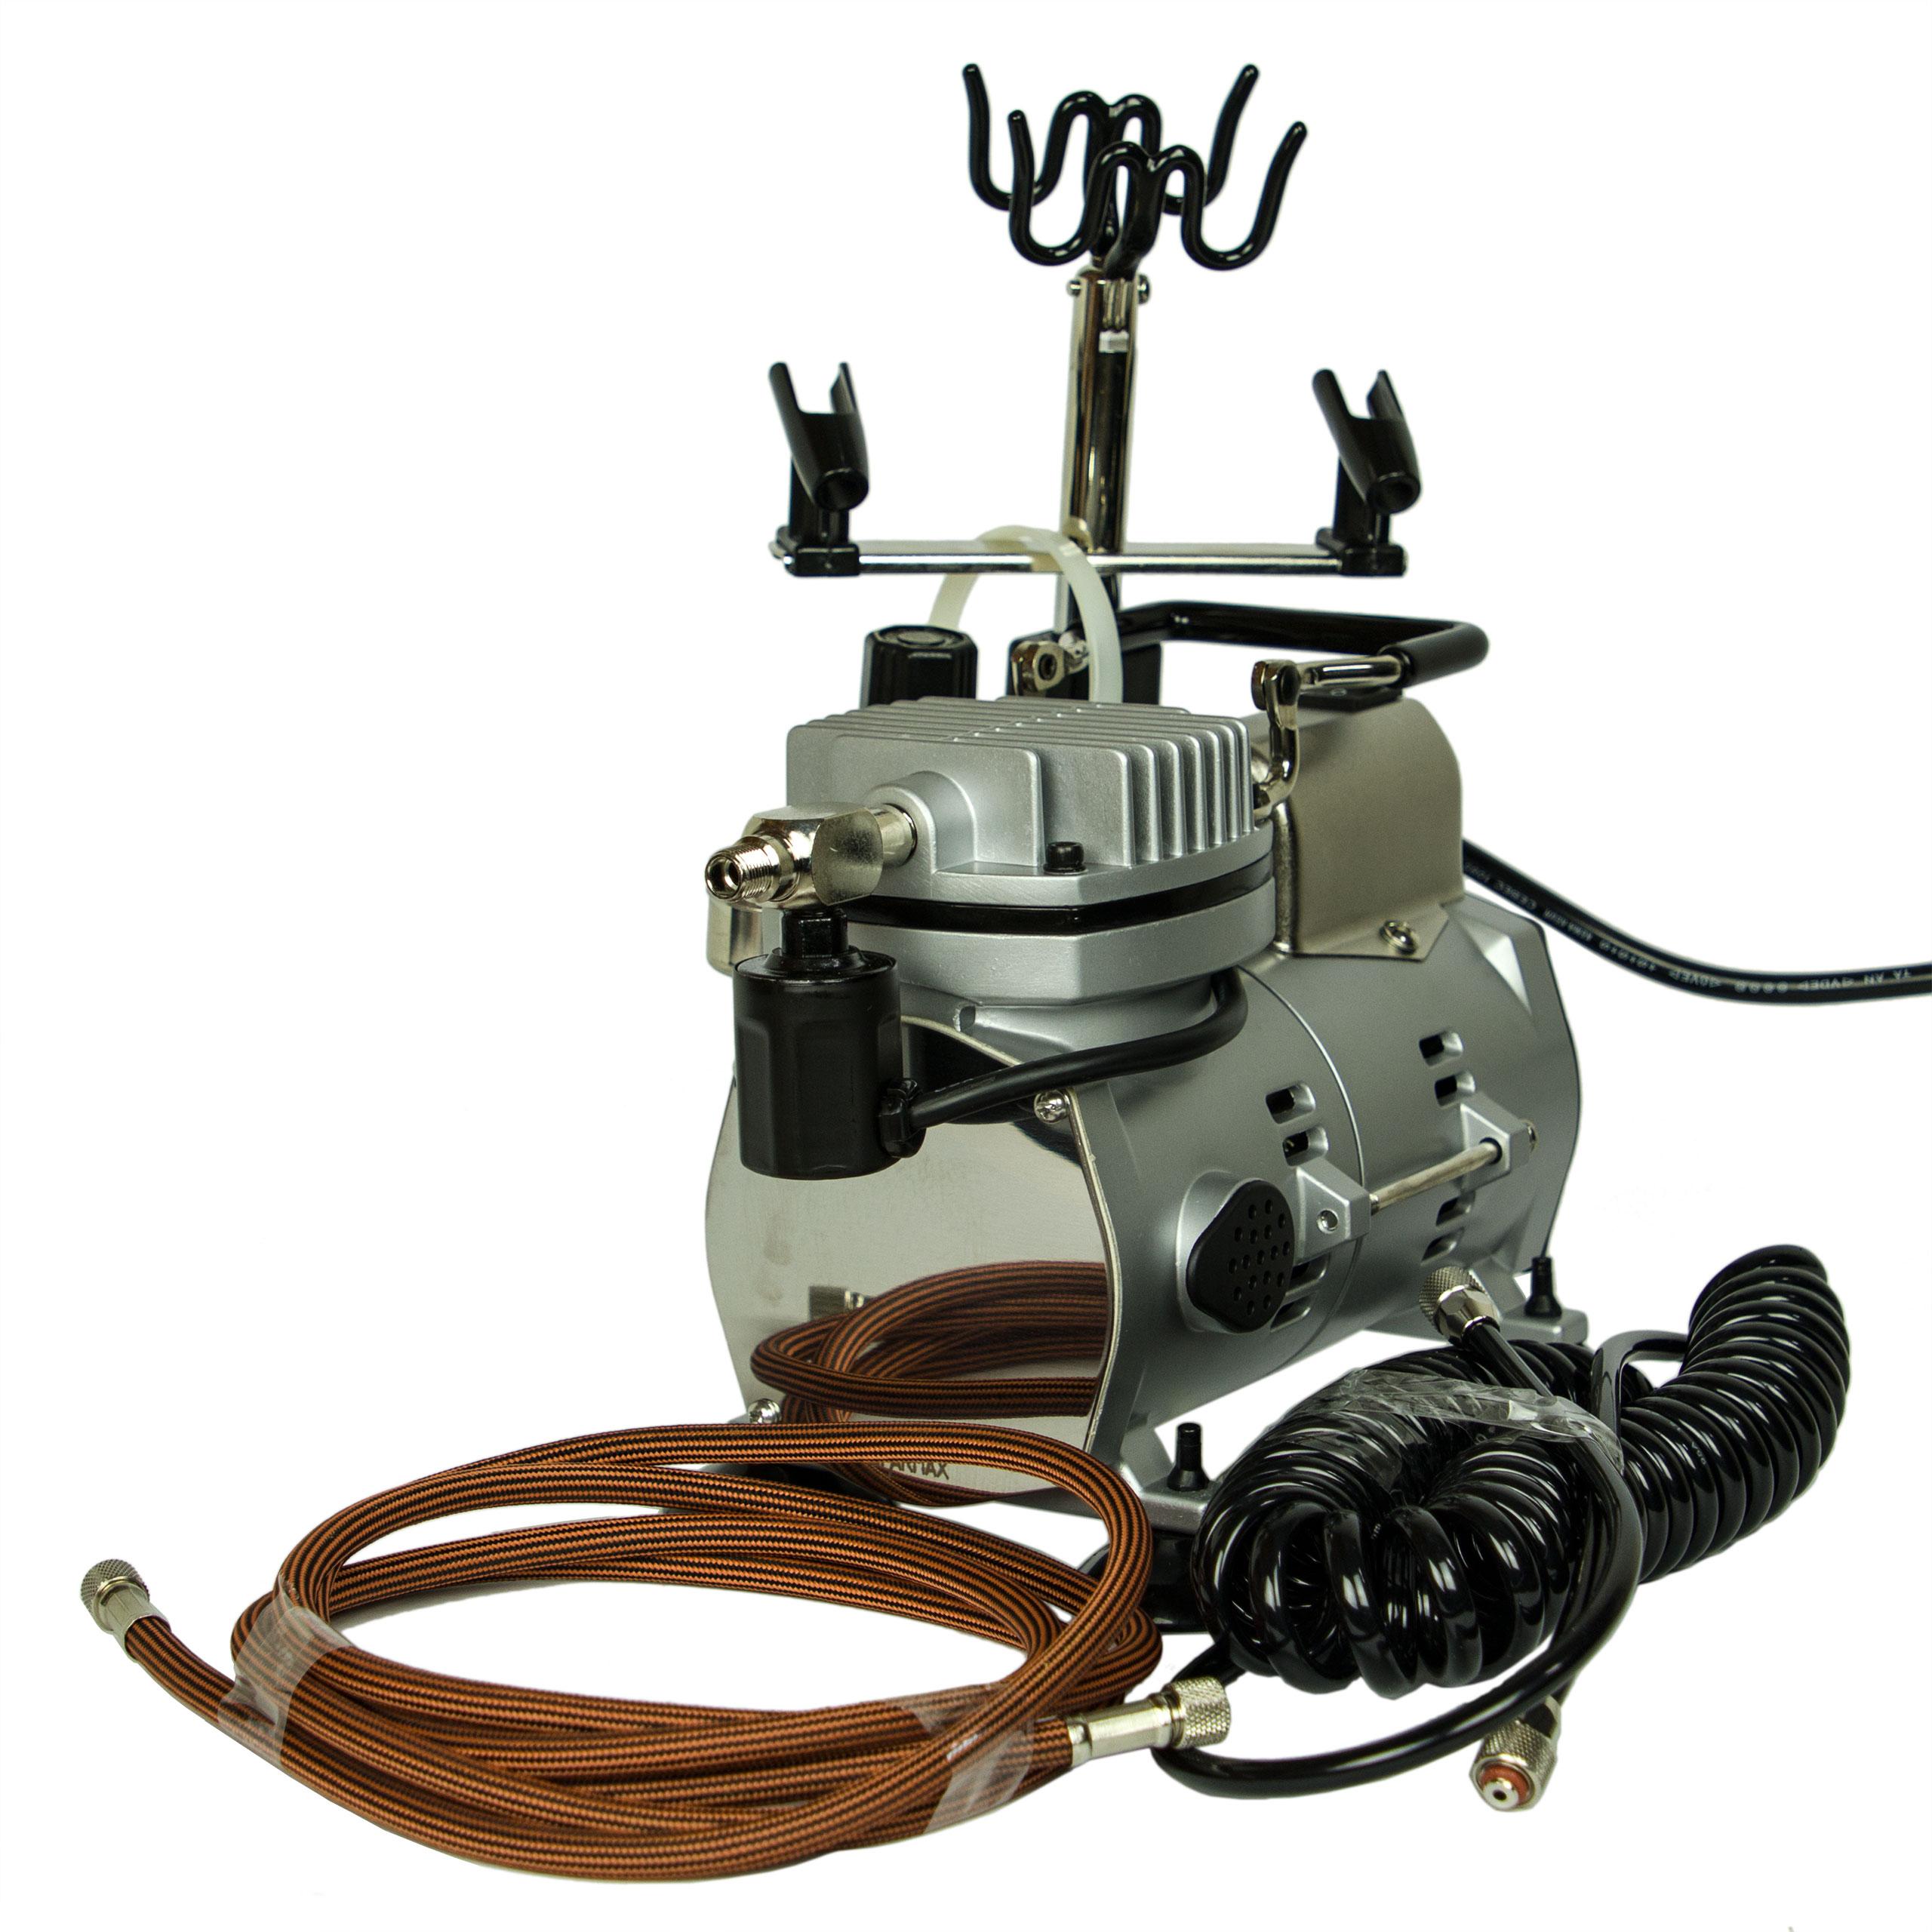 Airbrush Kompressor Saturn 25 mit Druckminderer